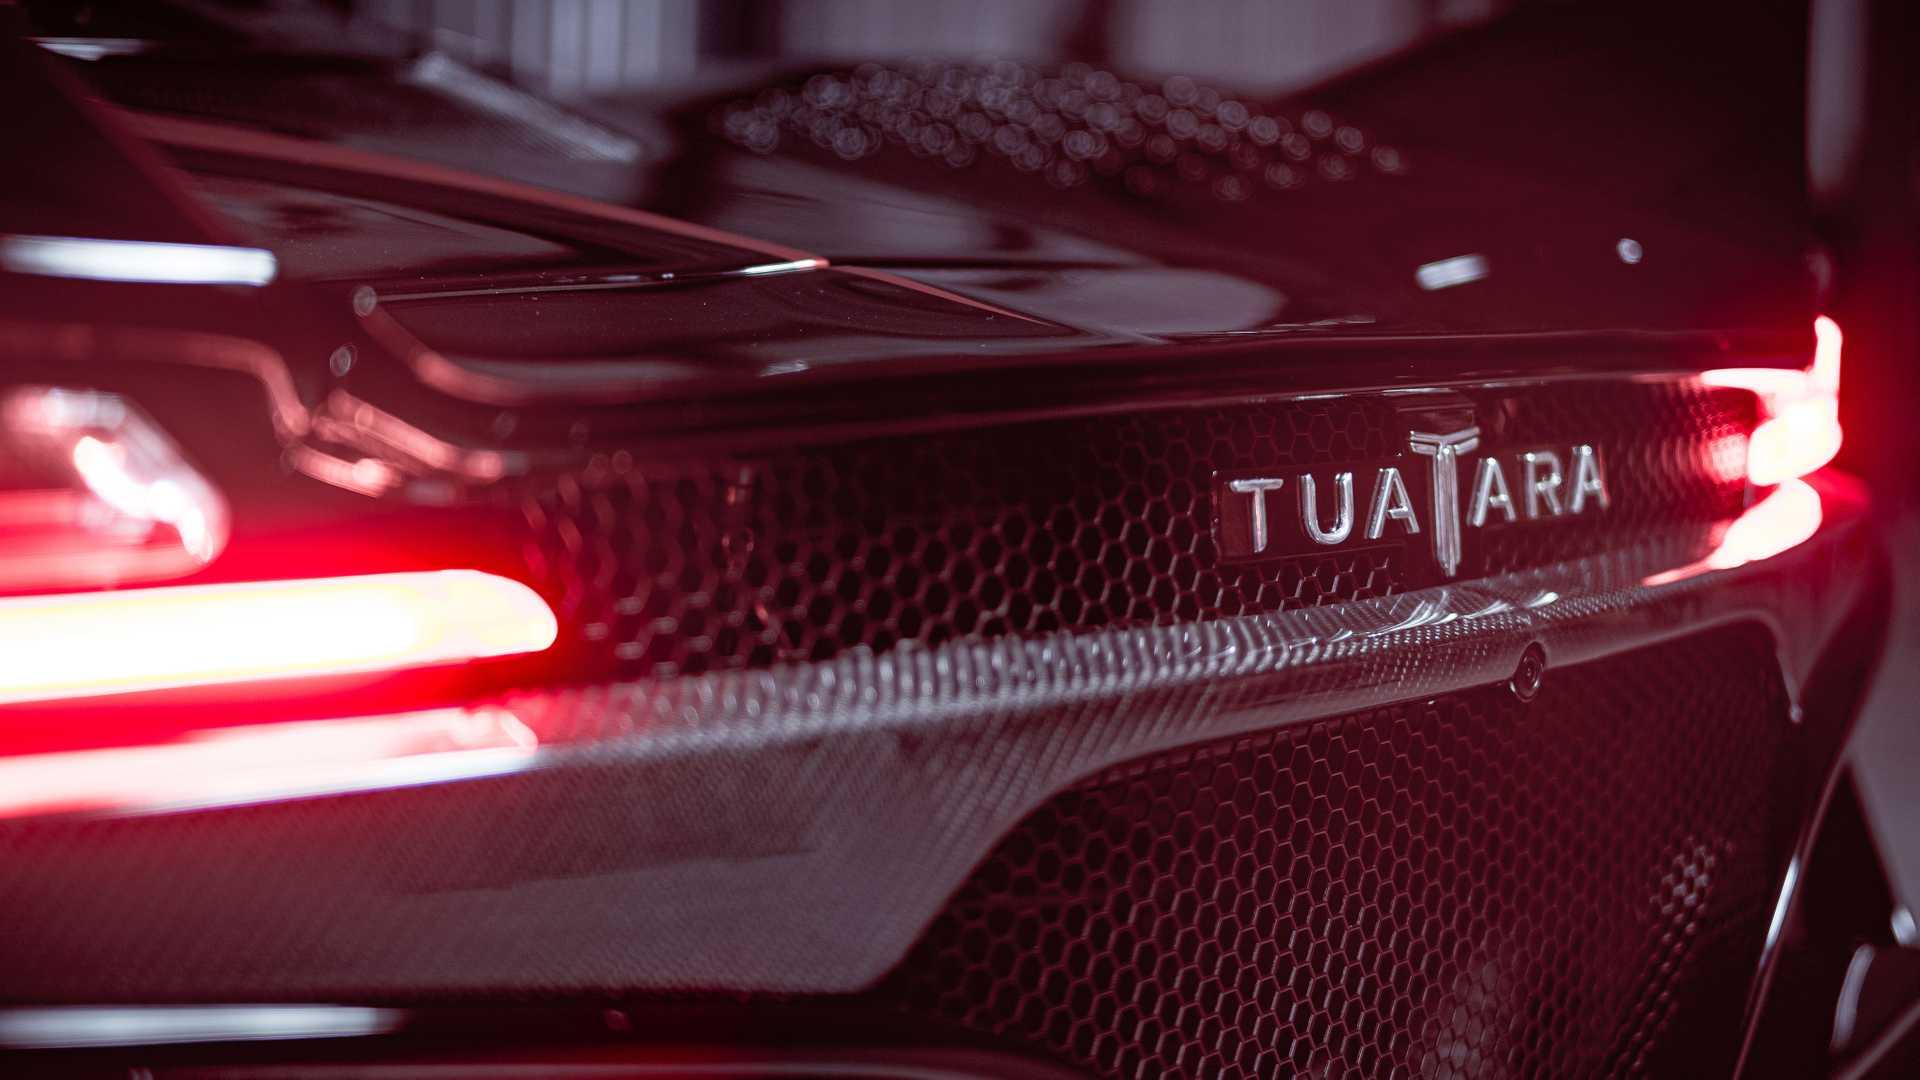 SSC revela o novo Tuatara, o hipercarro com mais de 1500 cavalos